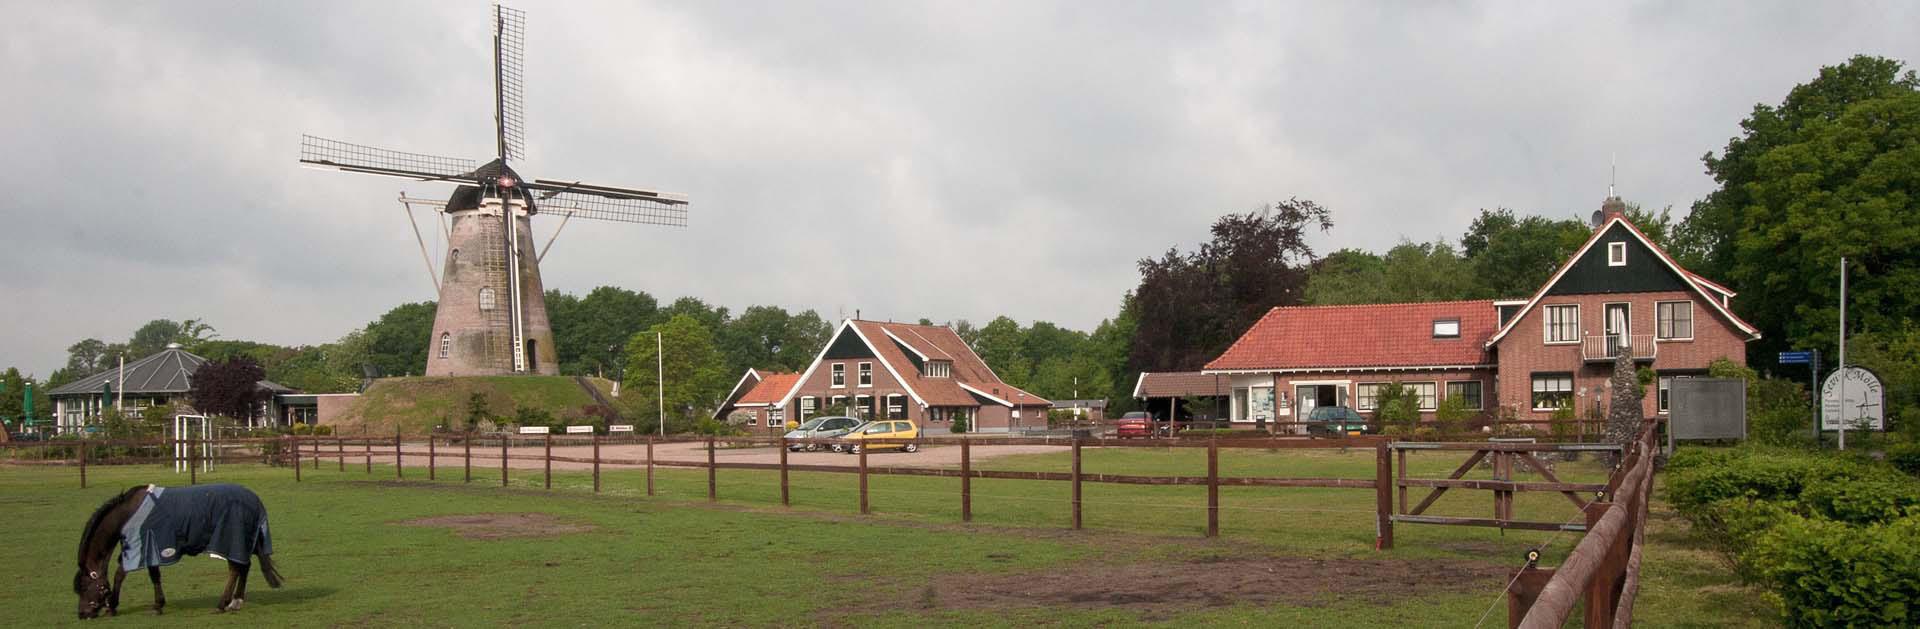 Sevink Mölen - Winterswijk Meddo